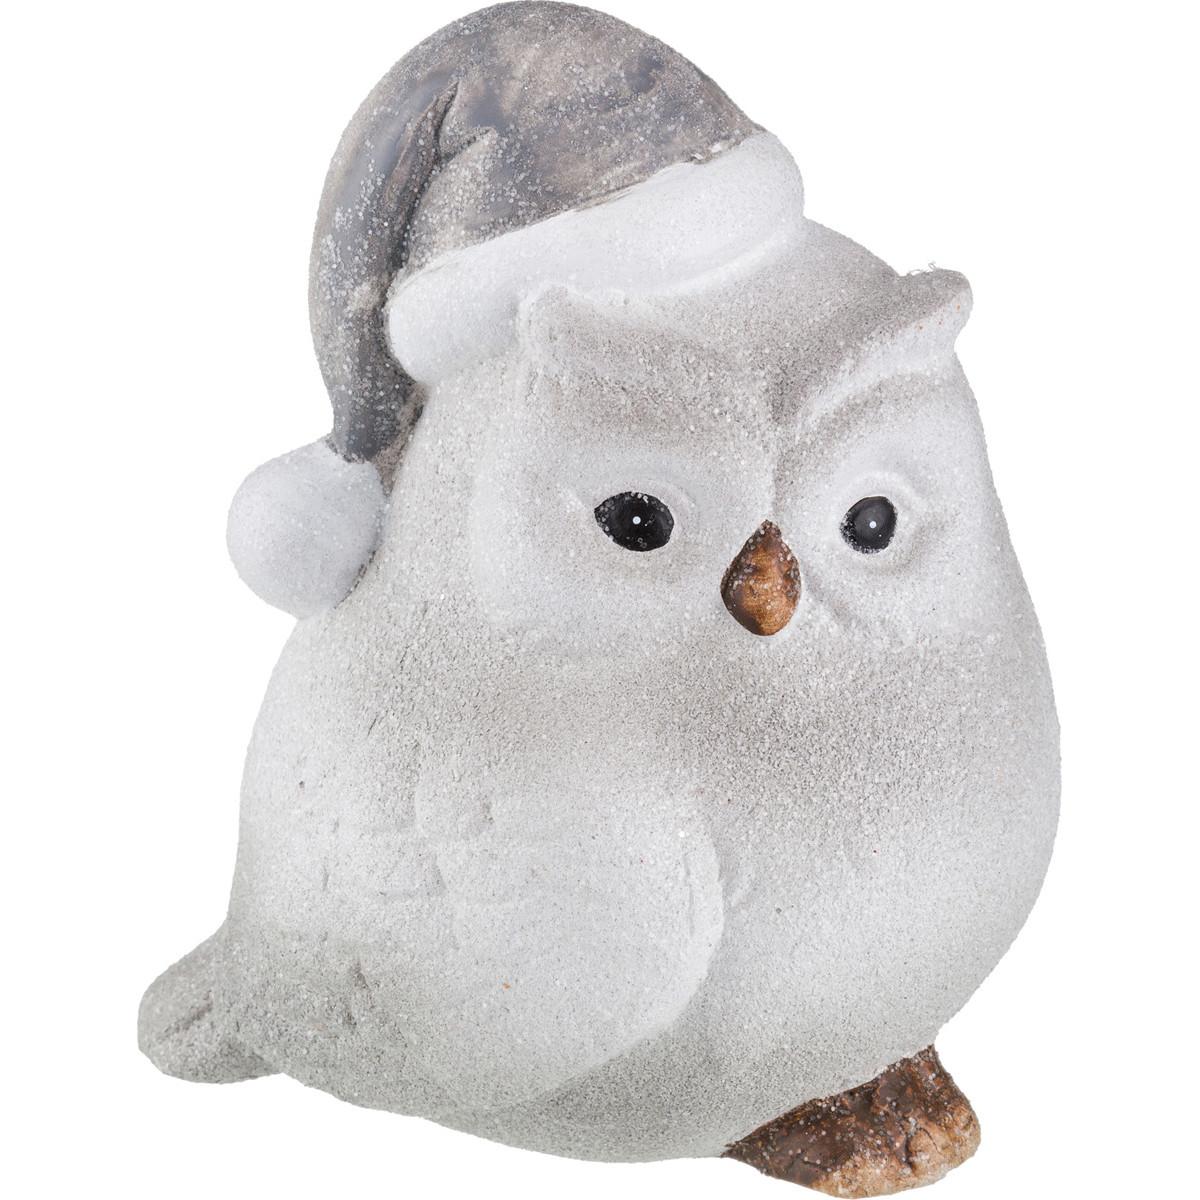 {} Lefard Интерьерная игрушка Alexstraza  (10х11х15 см) lefard интерьерная игрушка jan 5х6х13 см